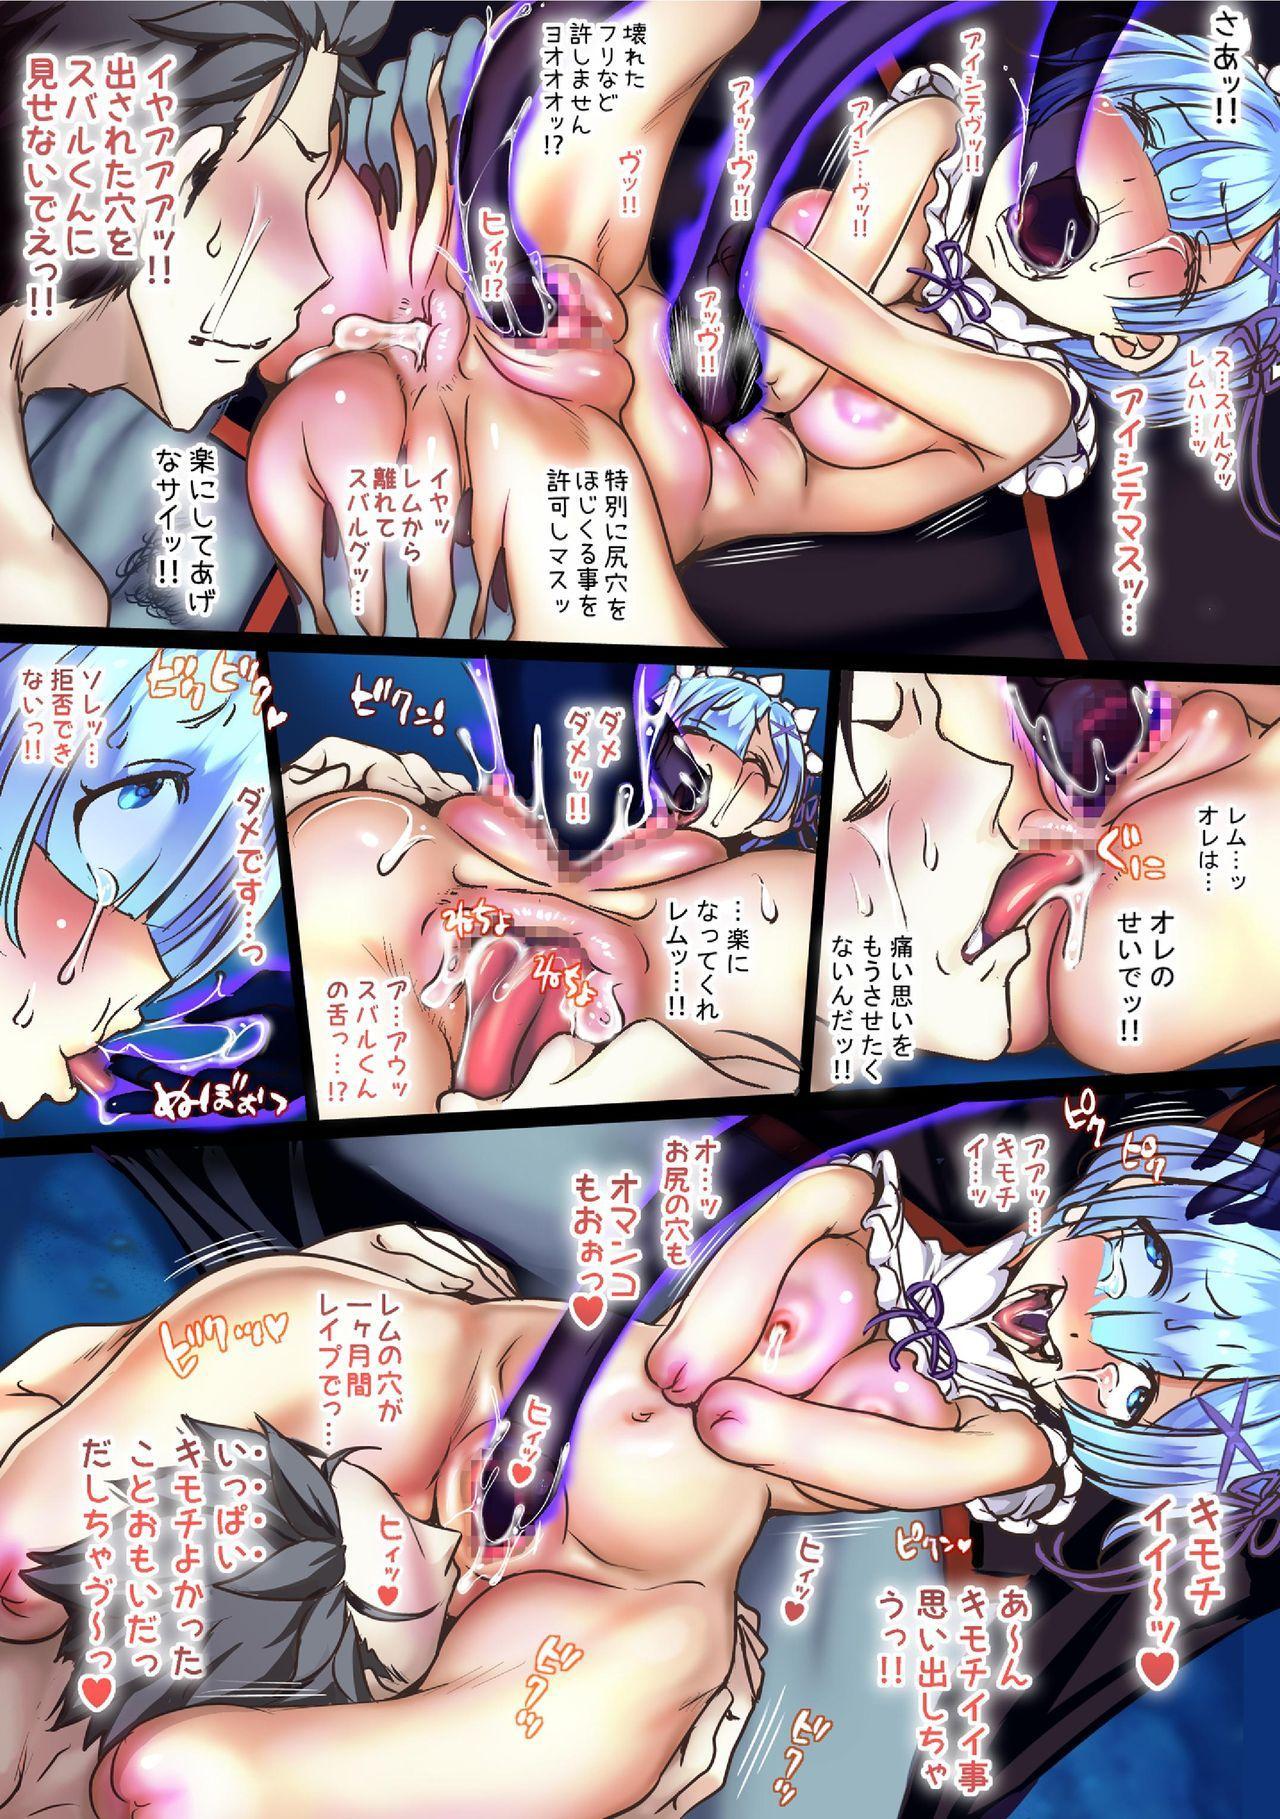 Re:Zero nara Mou Kirawarete mo Hameochi Suru made Rape 2 50